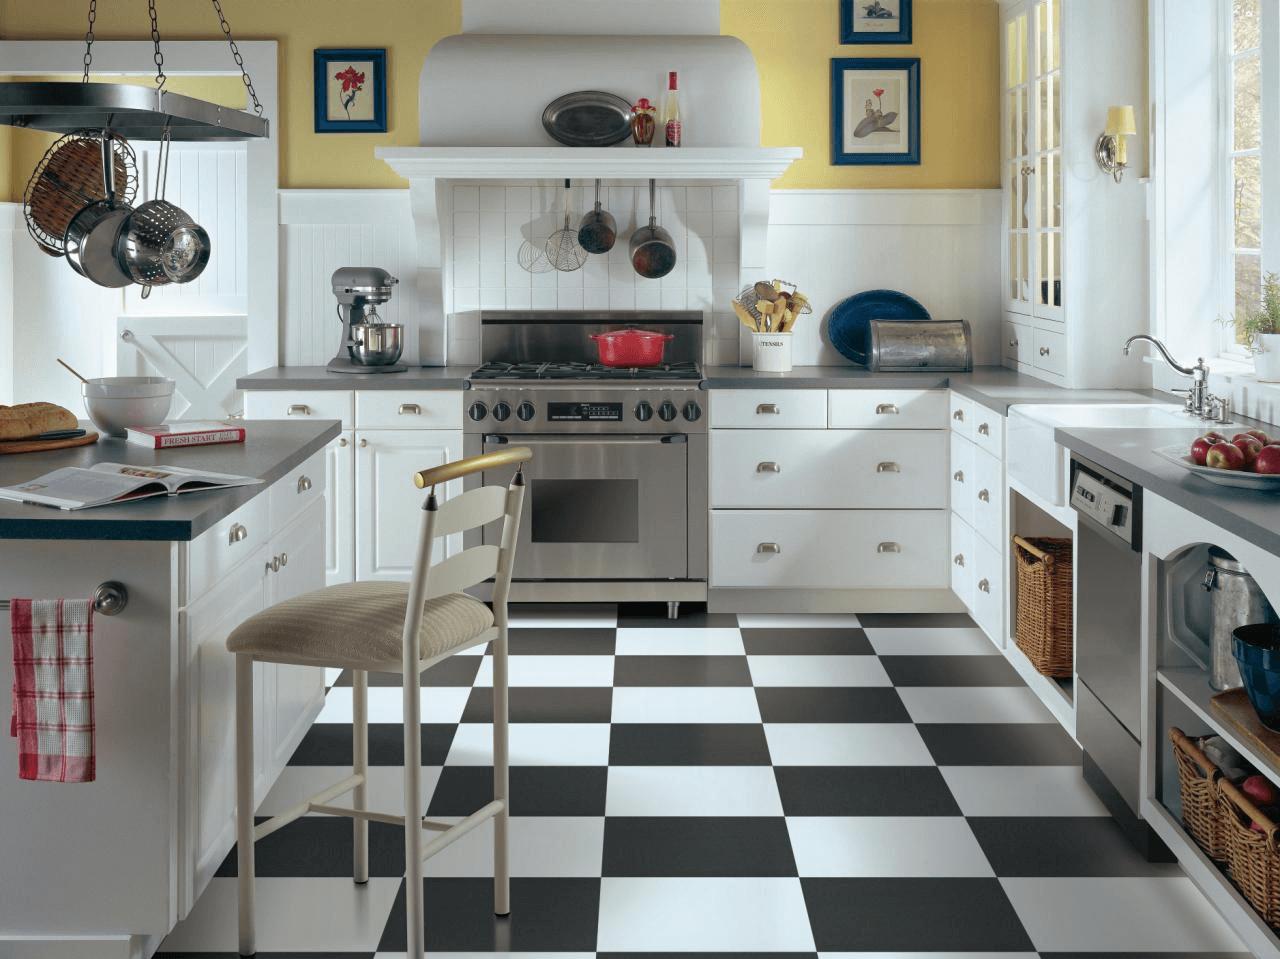 Black and white kitchen vinyl floor tile